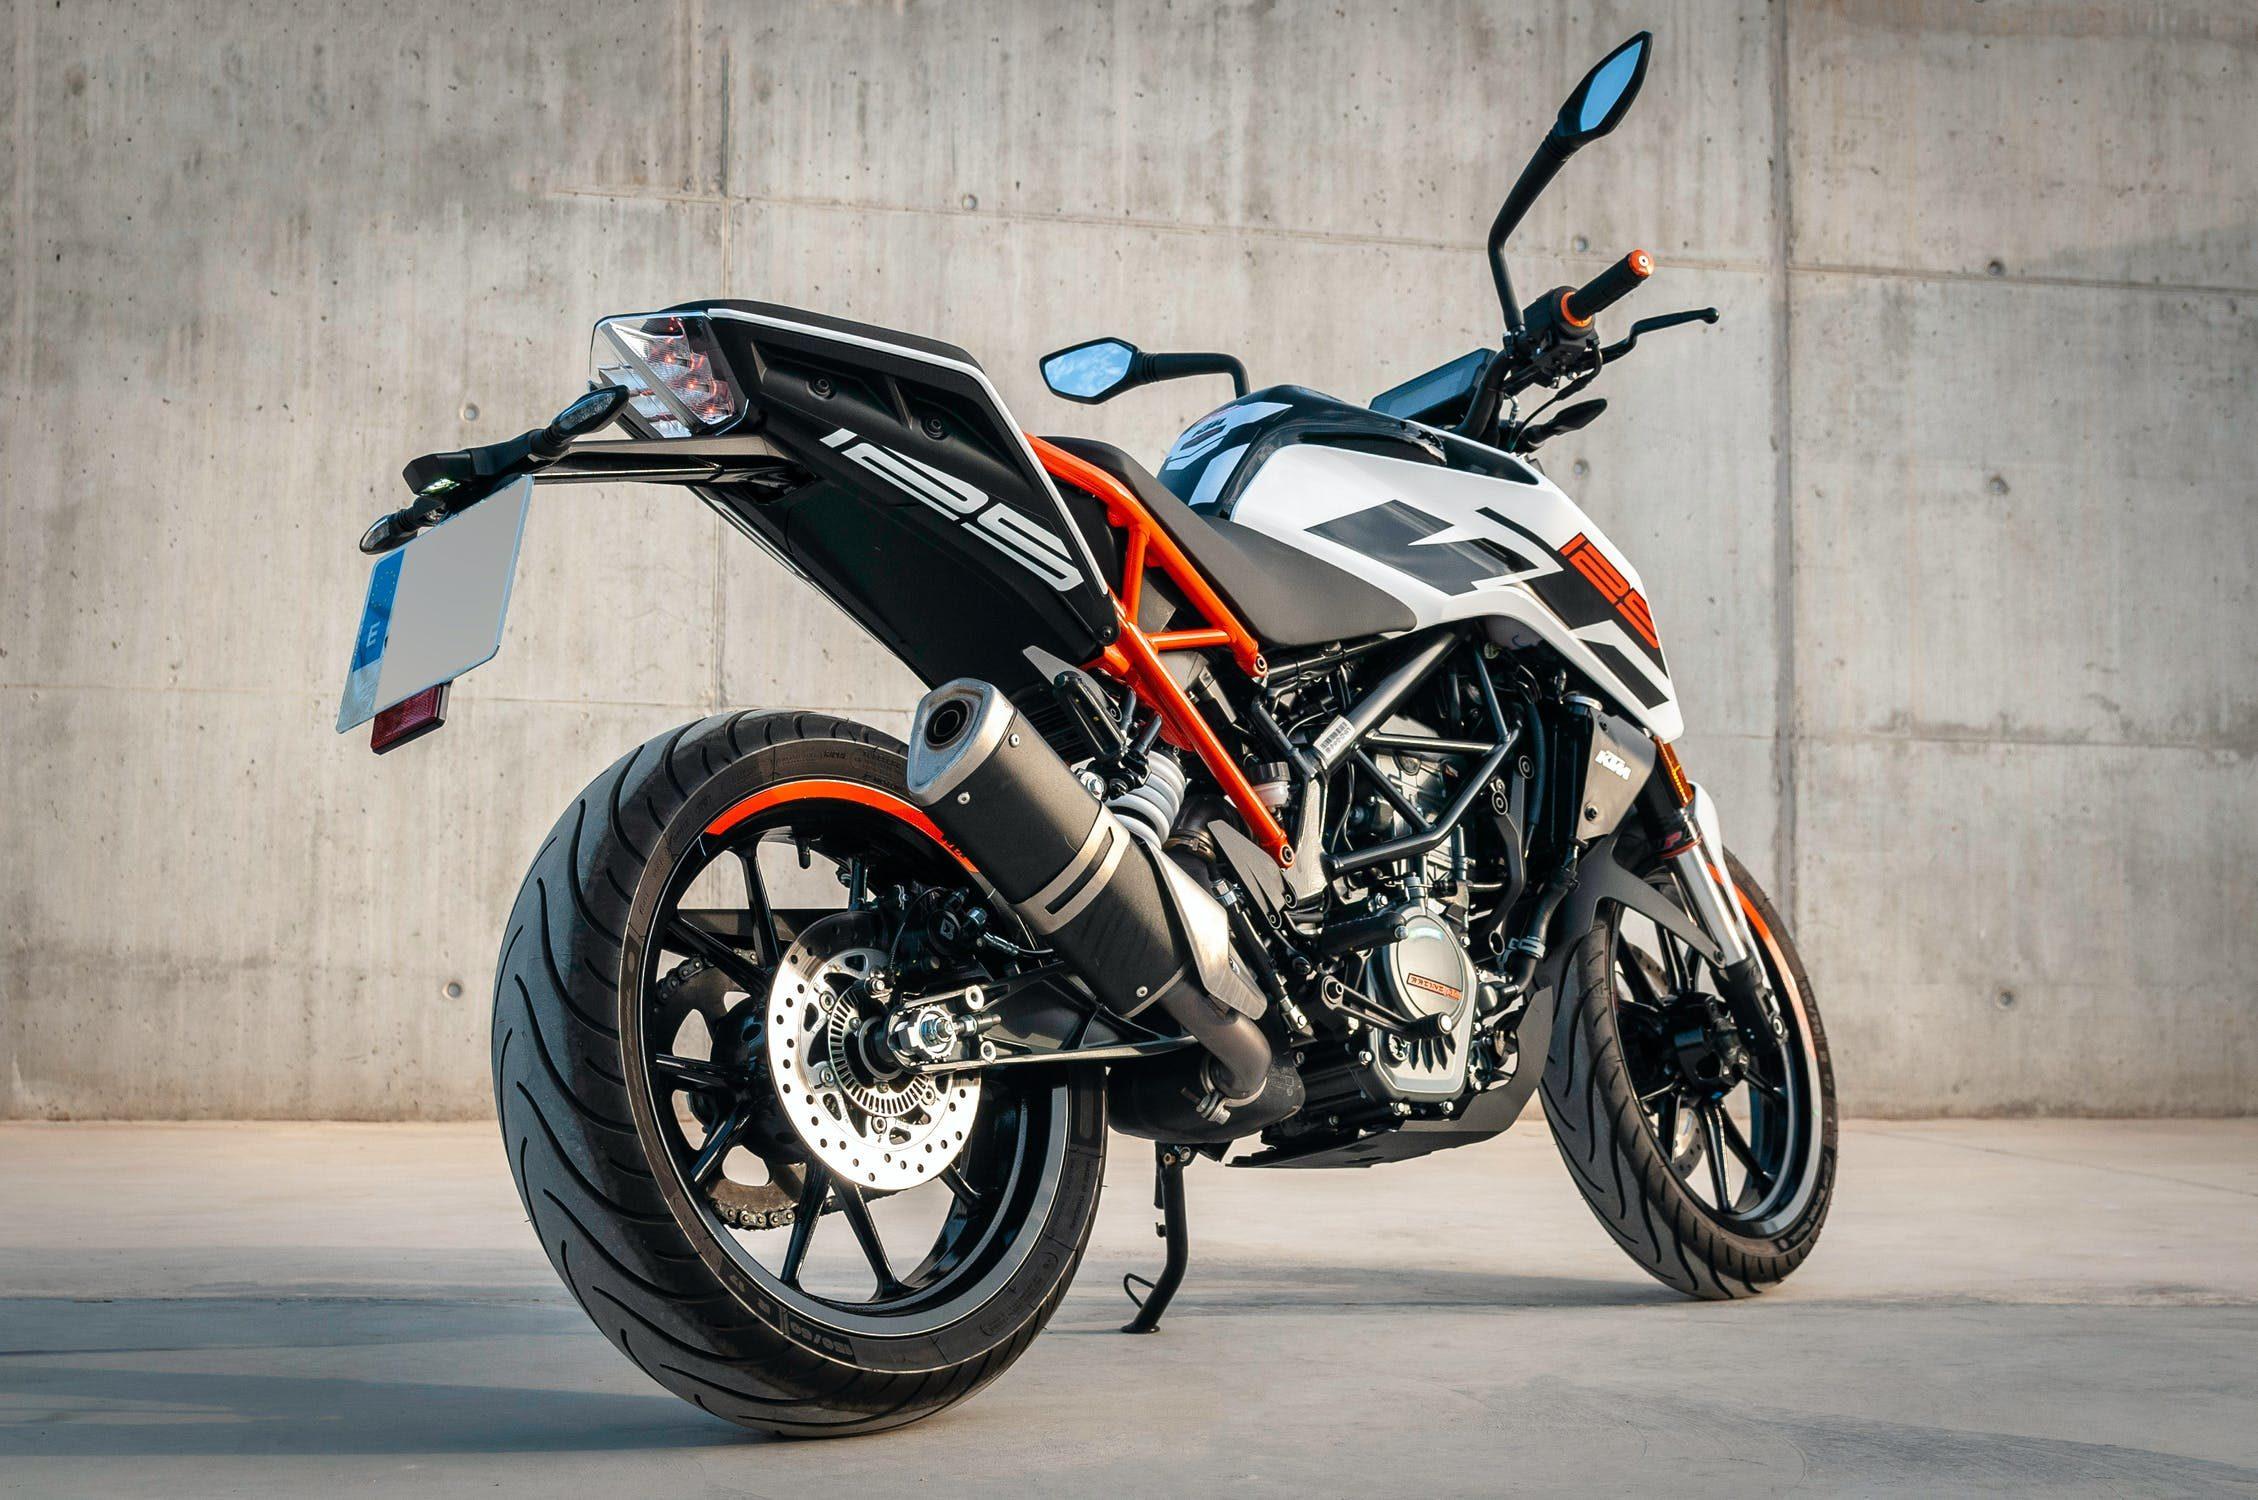 Czemu warto kupić motocykl o pojemności 125 ccm?